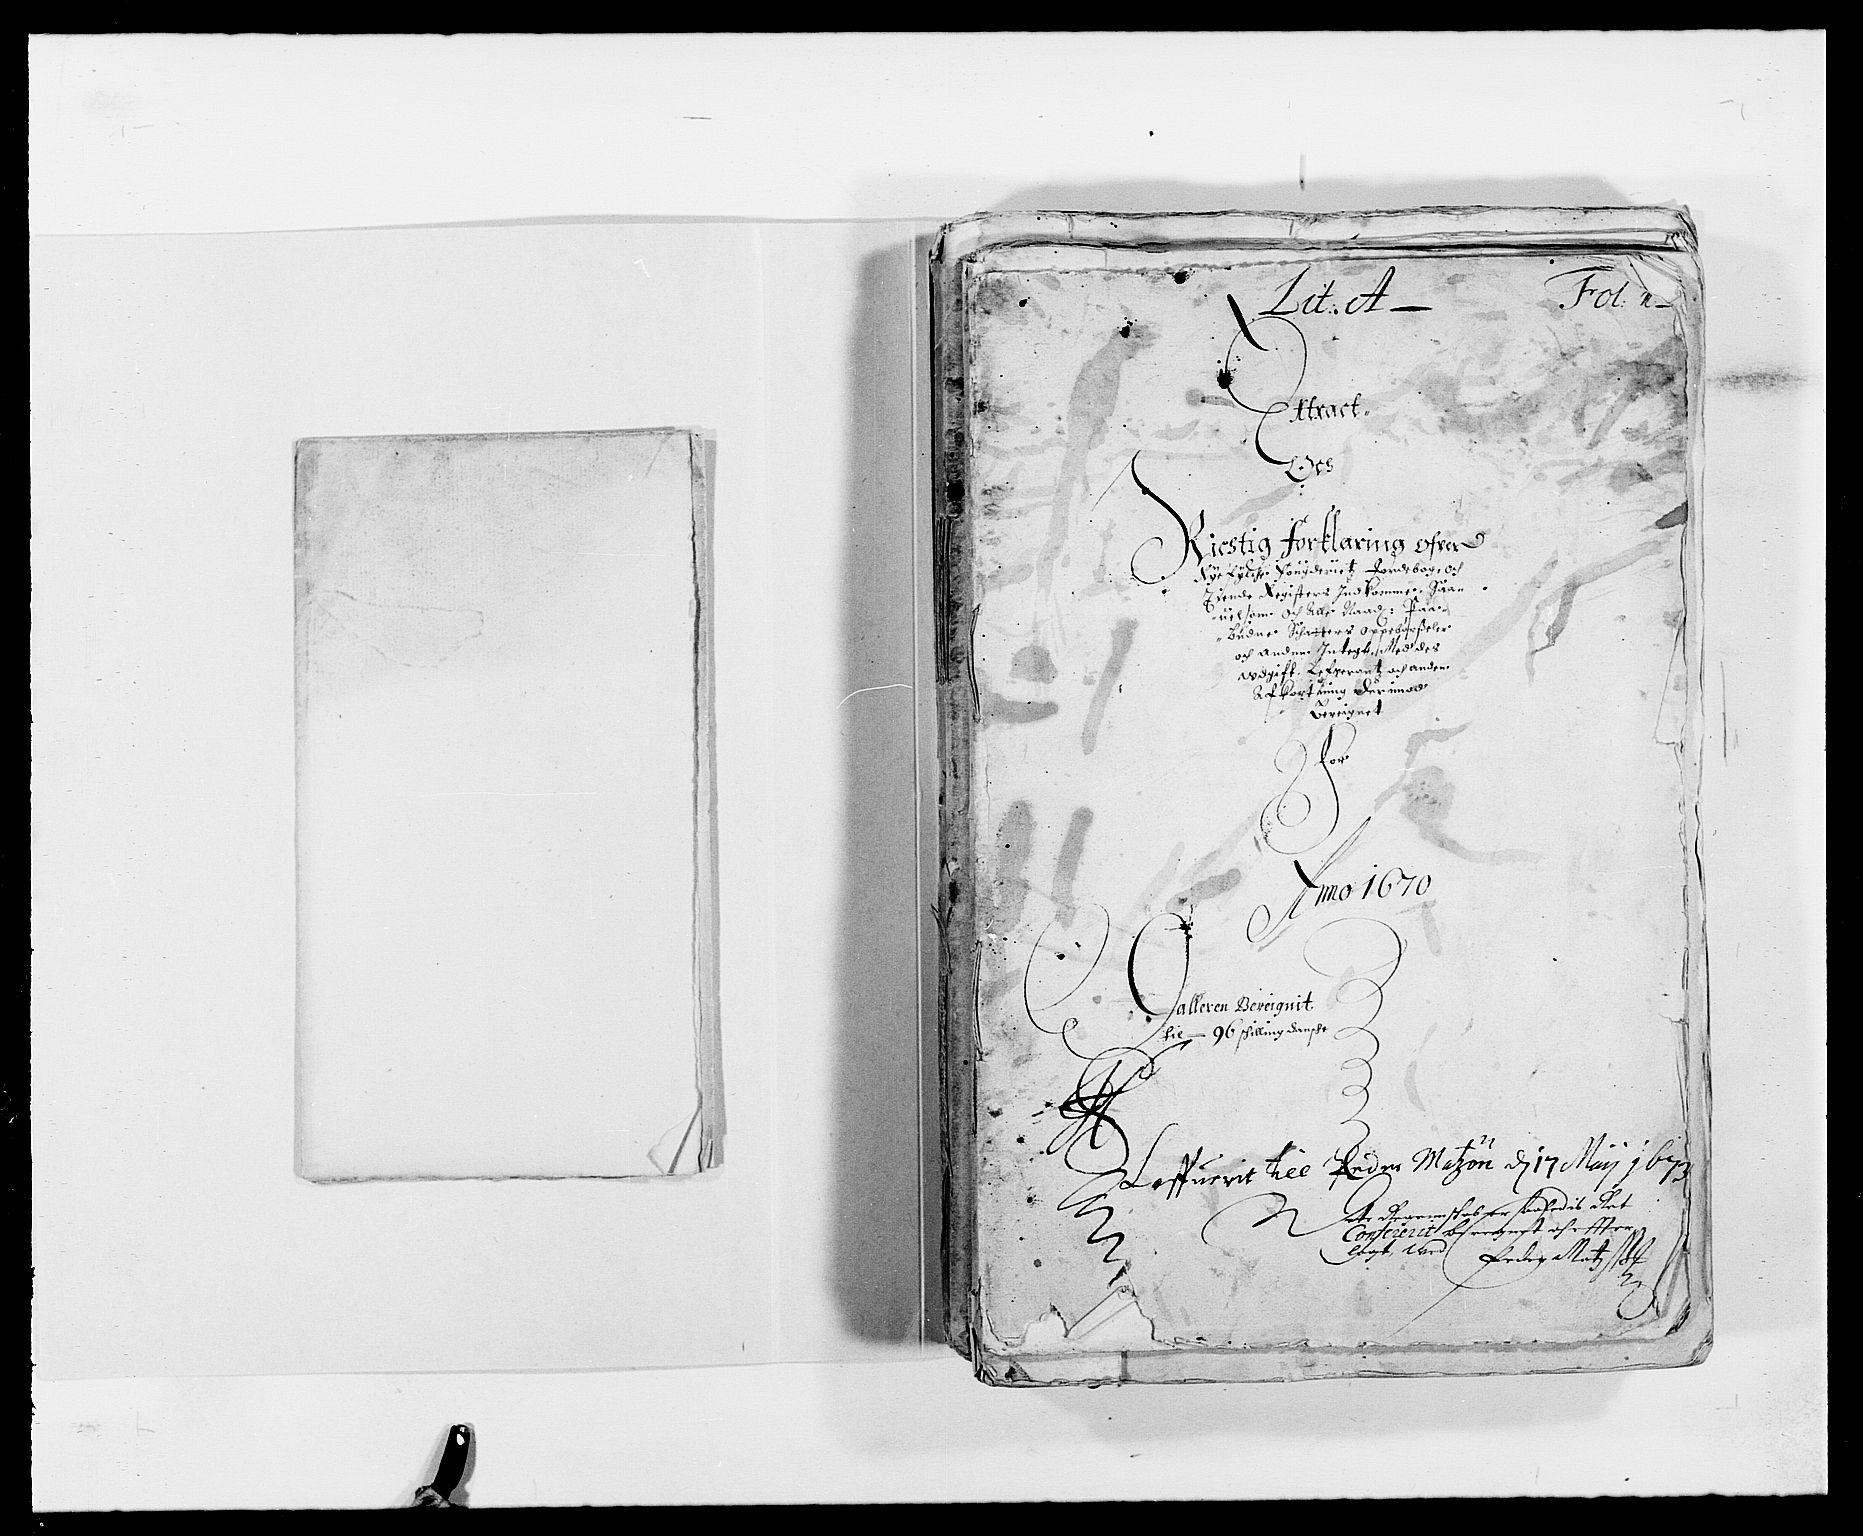 RA, Rentekammeret inntil 1814, Reviderte regnskaper, Fogderegnskap, R47/L2843: Fogderegnskap Ryfylke, 1670-1671, s. 3